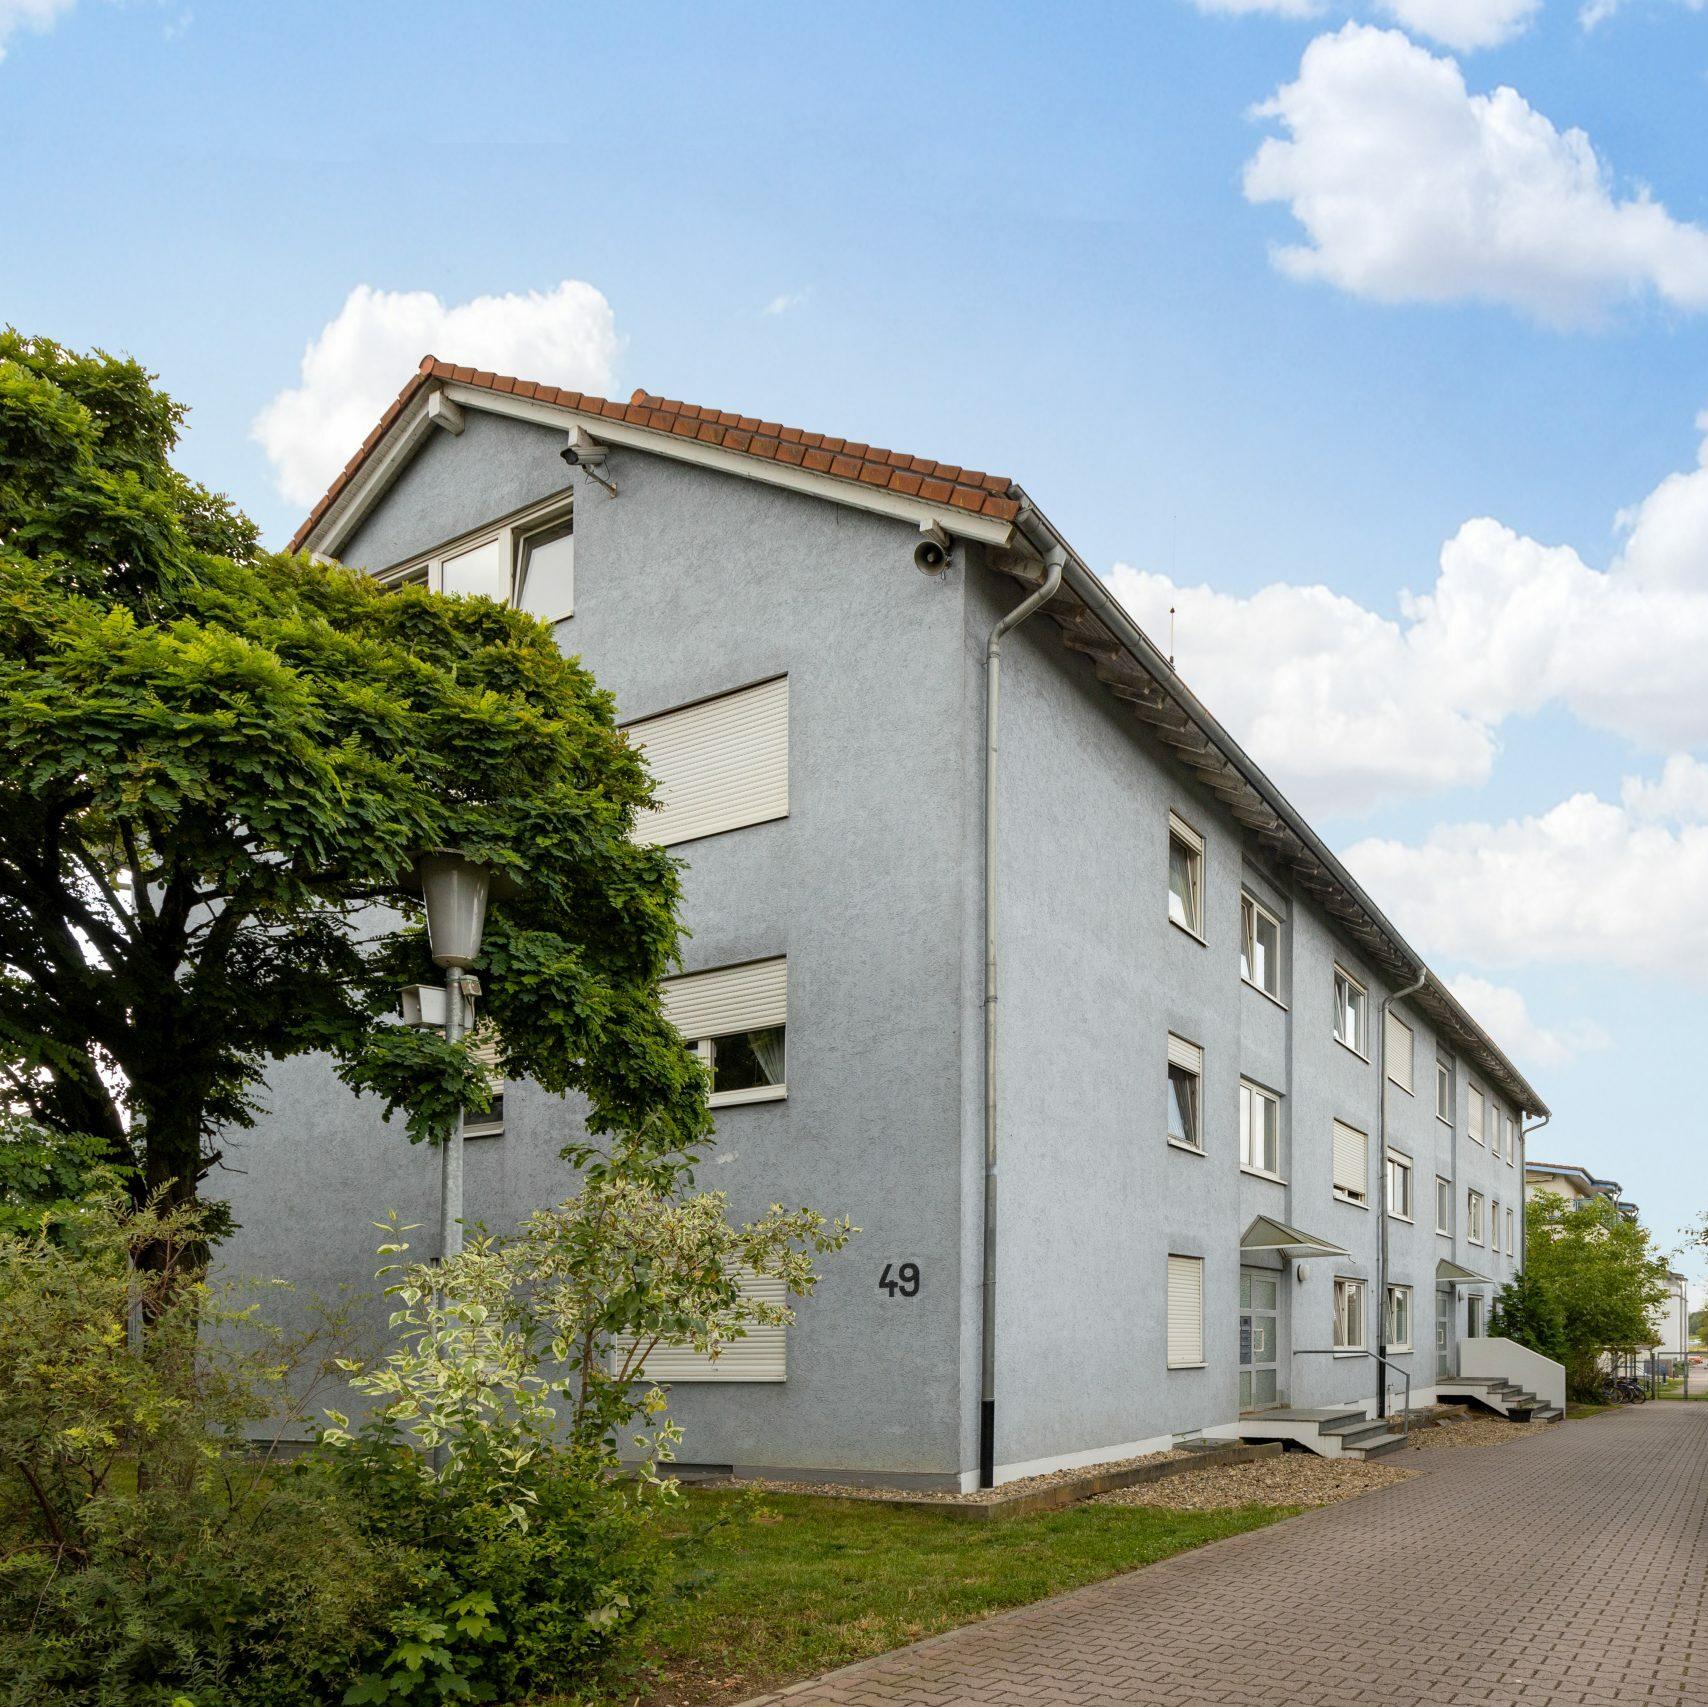 Noratis kauft Immobilienbestand Bensheim Rhein-Main-Gebiet